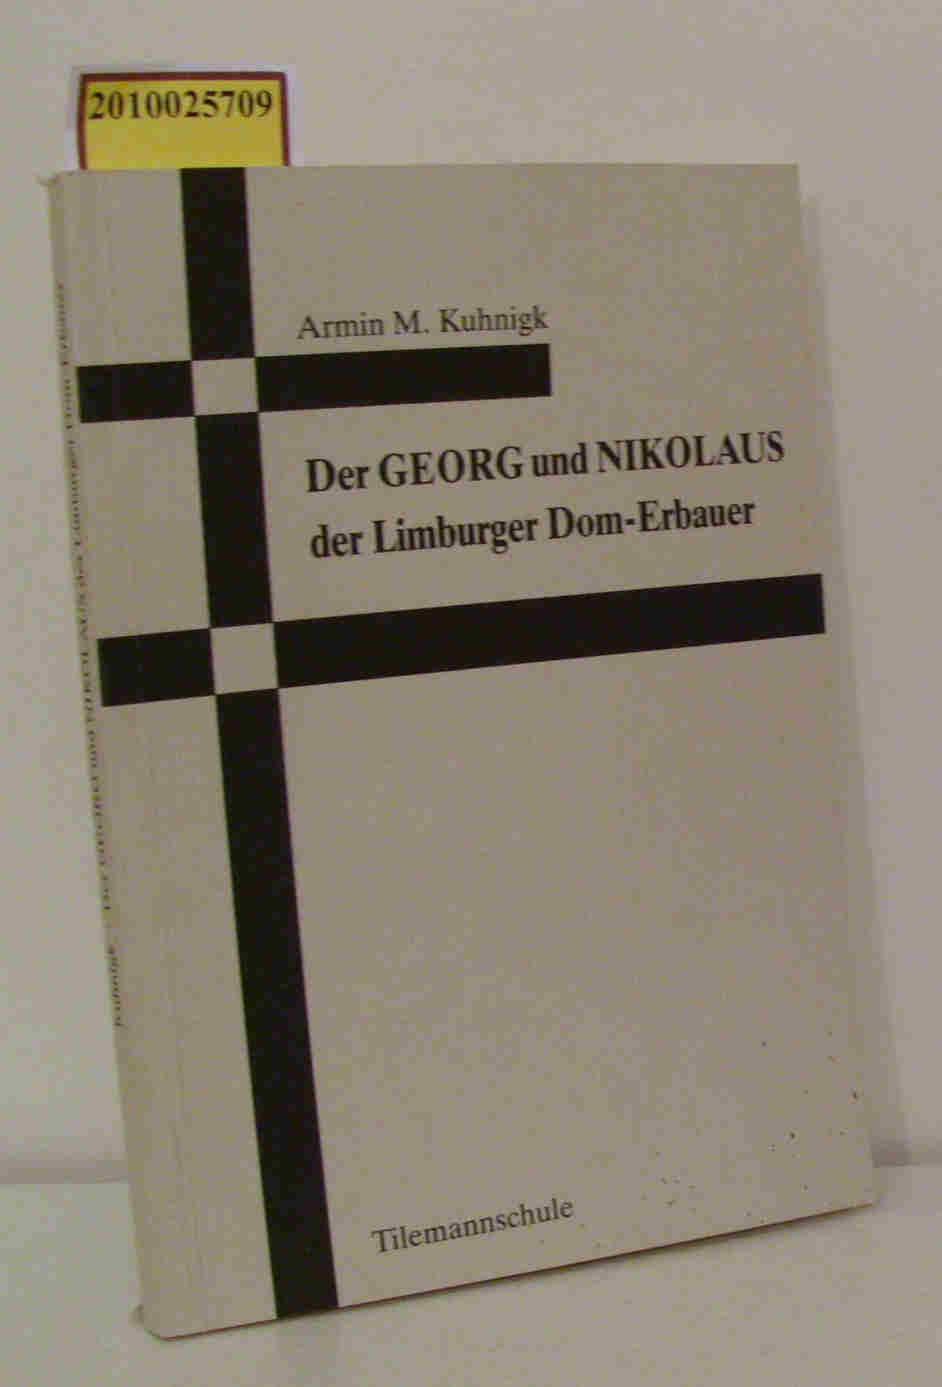 Kuhnigk,  Armin M.: Der  Georg und Nikolaus der Limburger Dom-Erbauer e. Beitr. zum 750. Domweihejubiläum 1985  Tilemannschule Gymn. Hrsg.